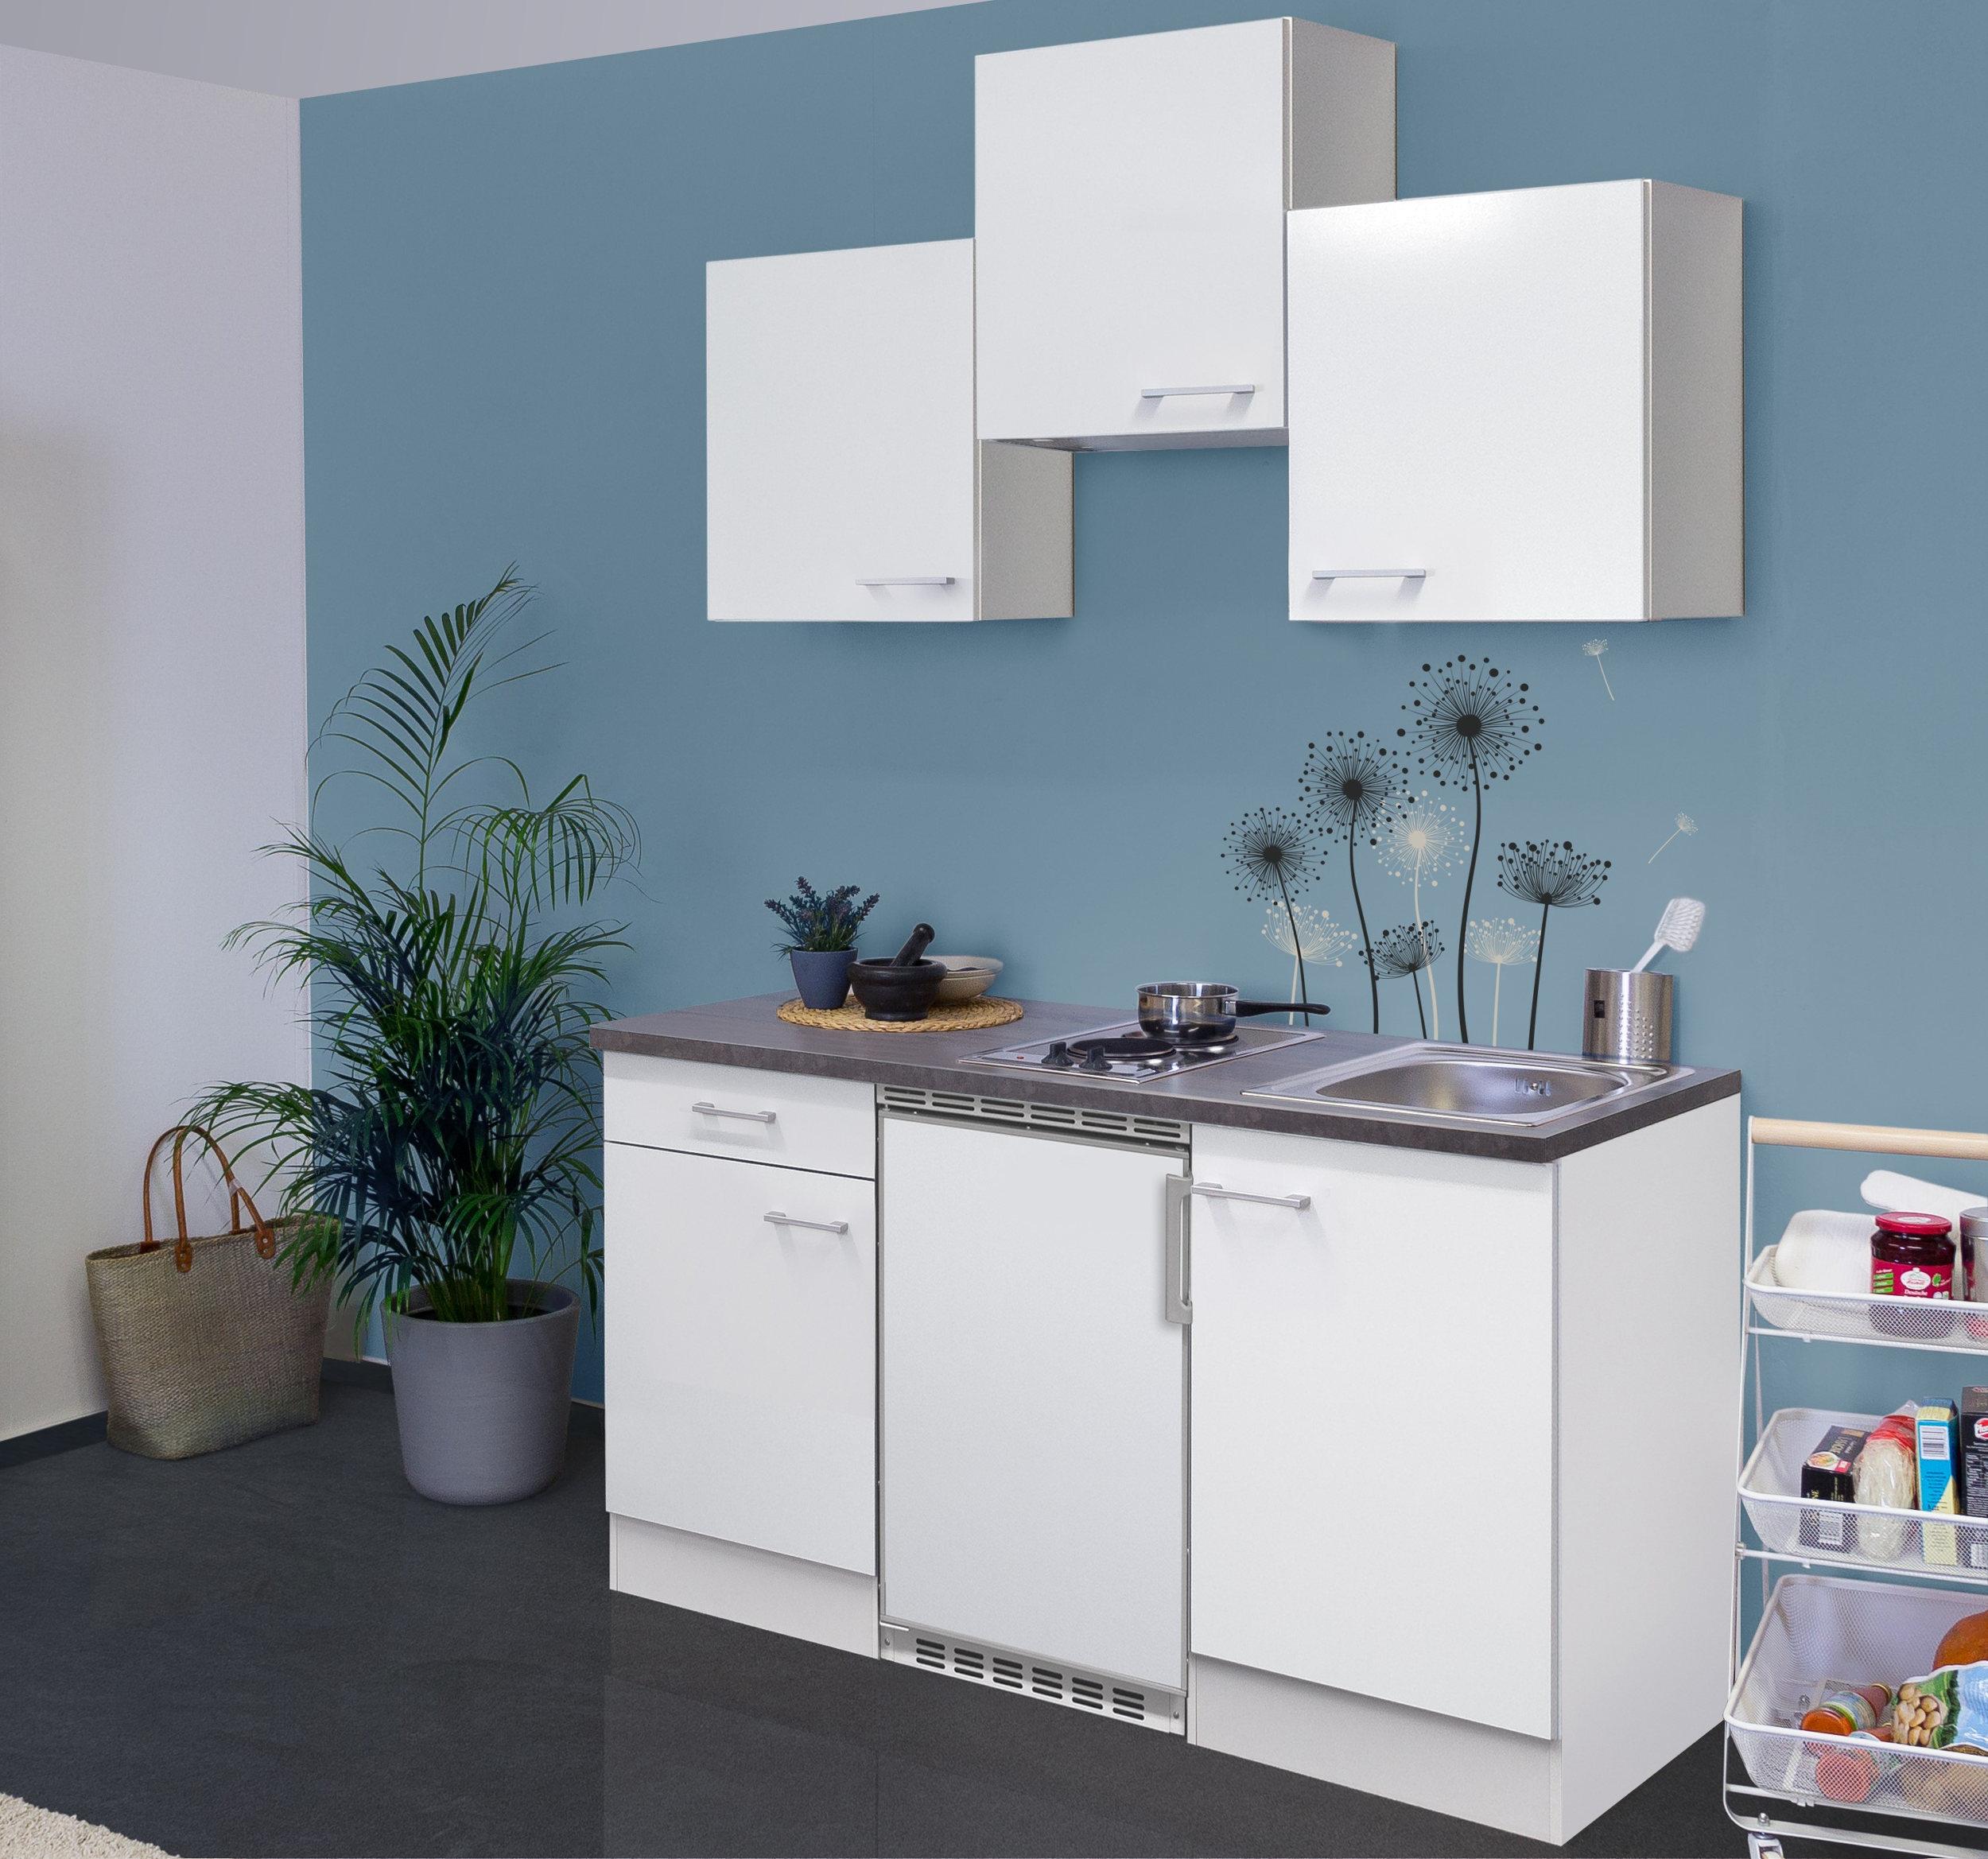 singlek che lucca mit elektro kochfeld und k hlschrank breite 150 cm wei k che singlek chen. Black Bedroom Furniture Sets. Home Design Ideas